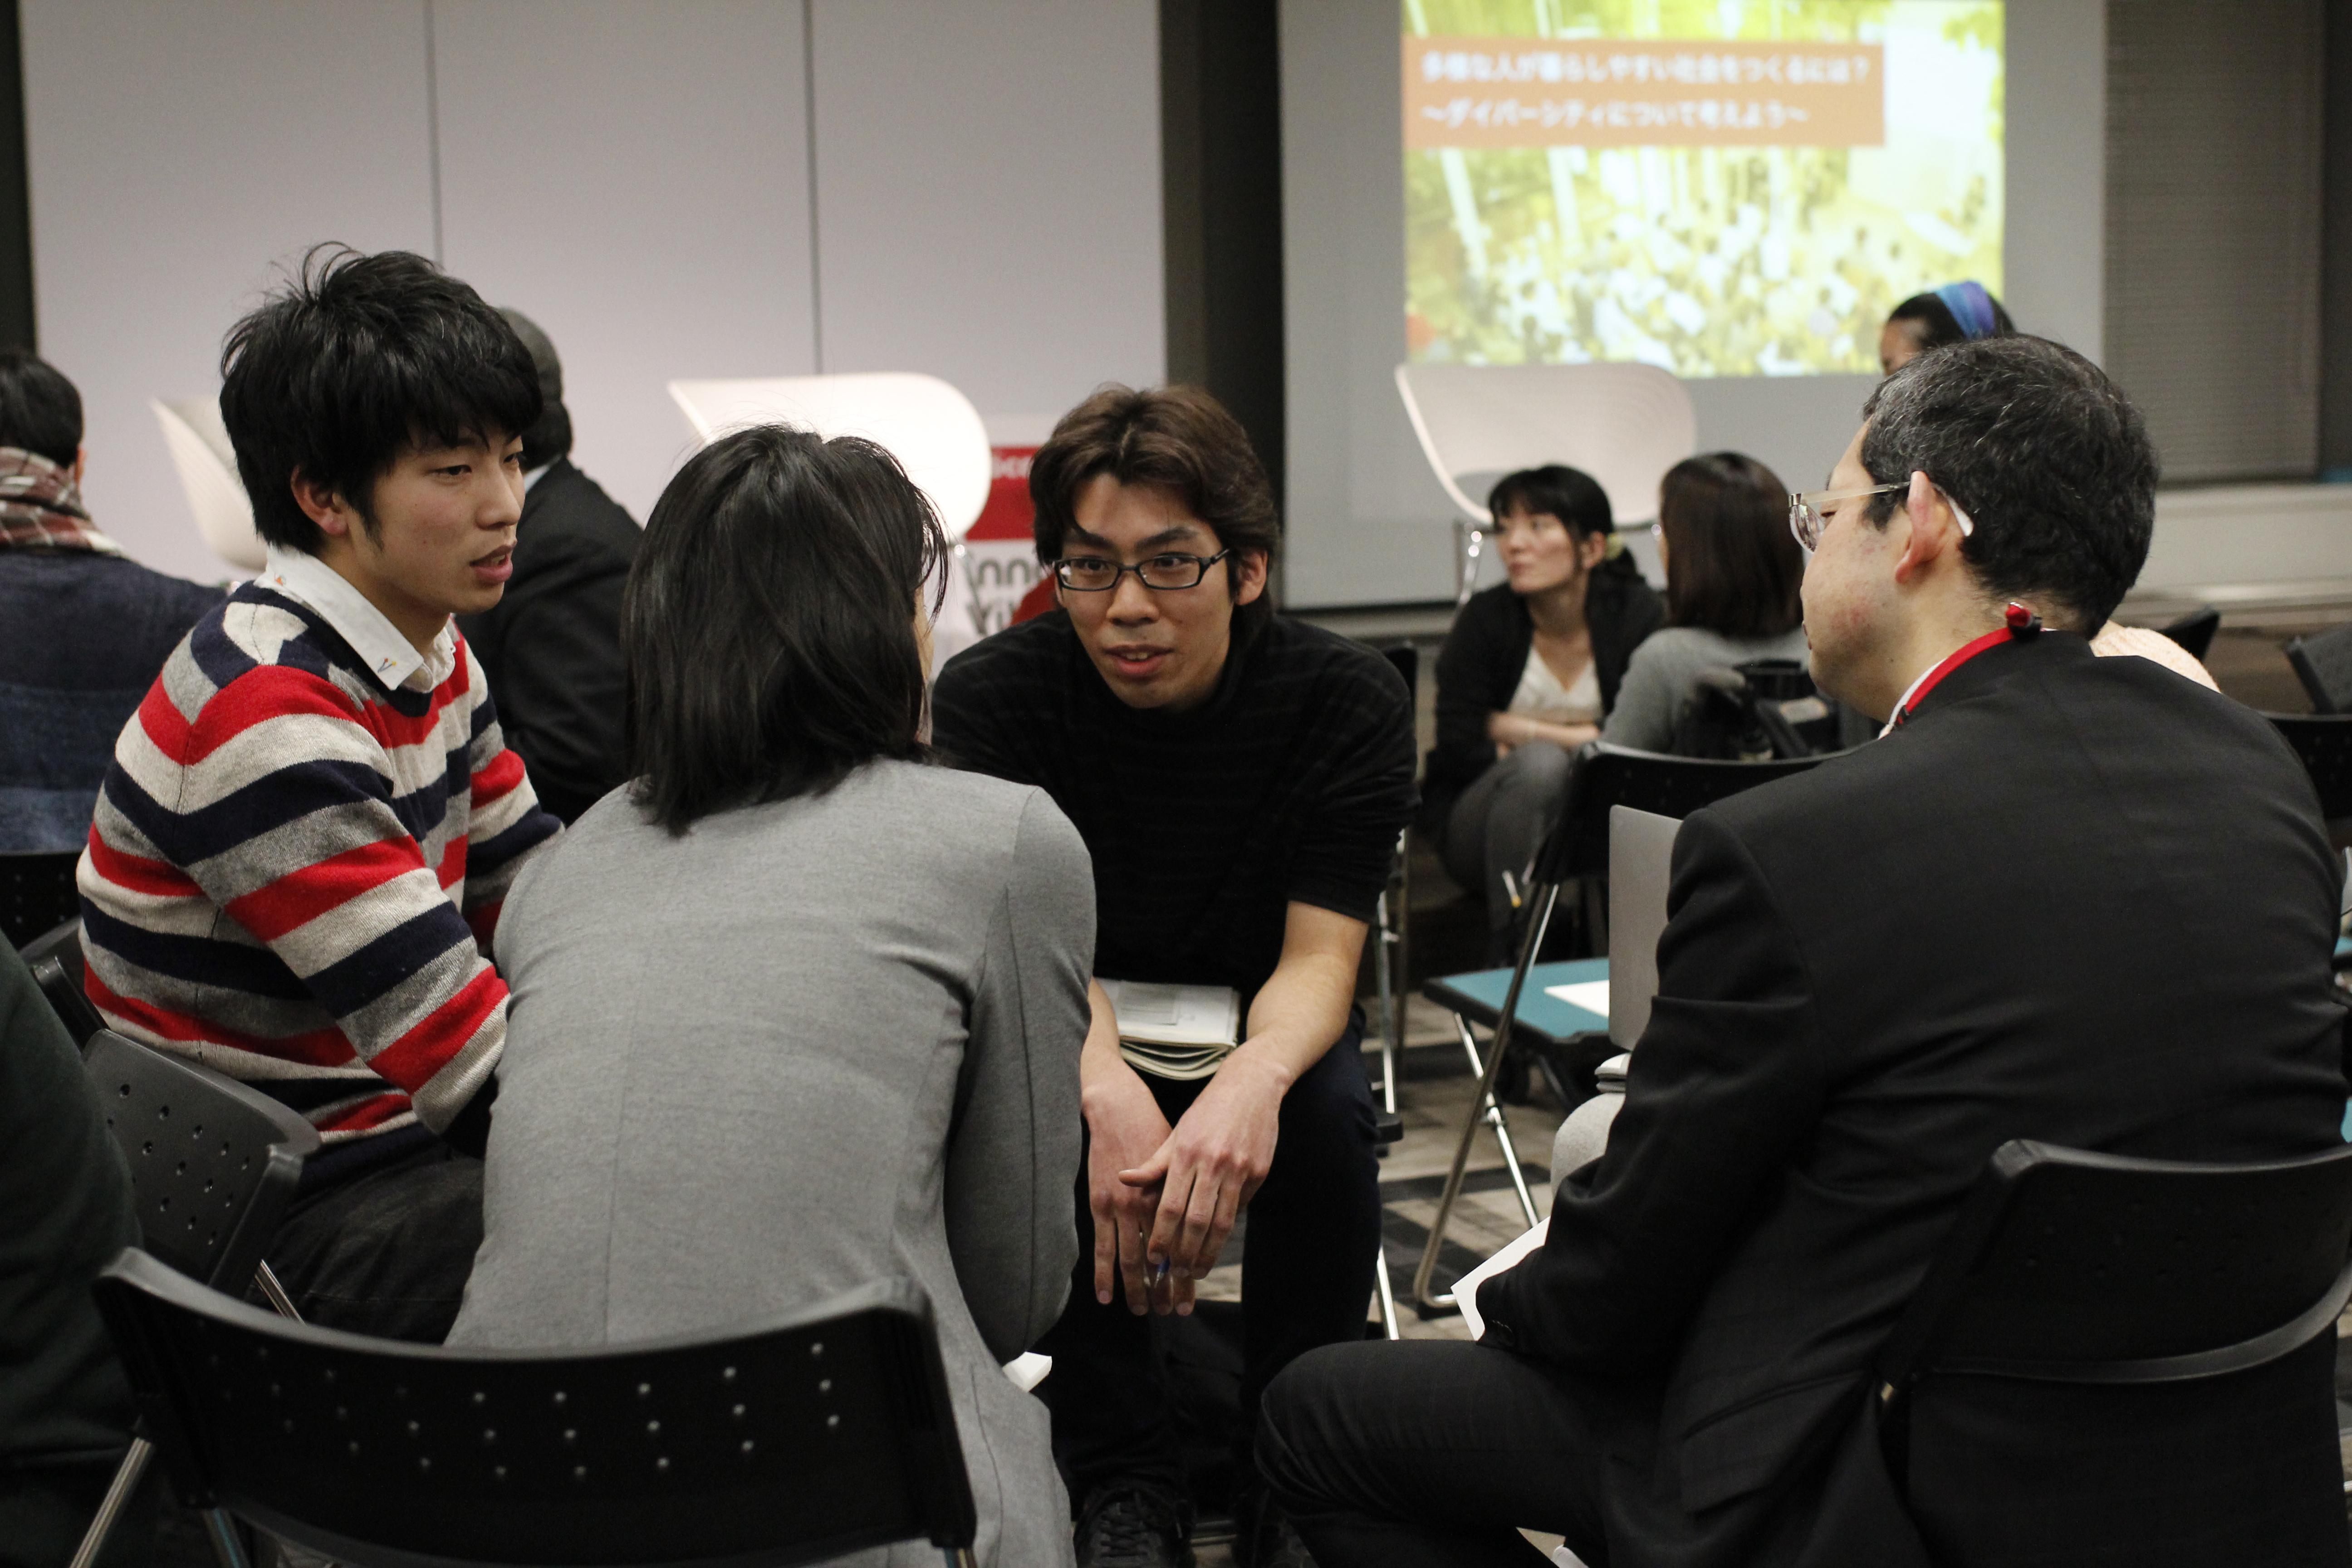 【写真】ある参加者の話を、身を乗り出しながら笑顔で聞く参加者